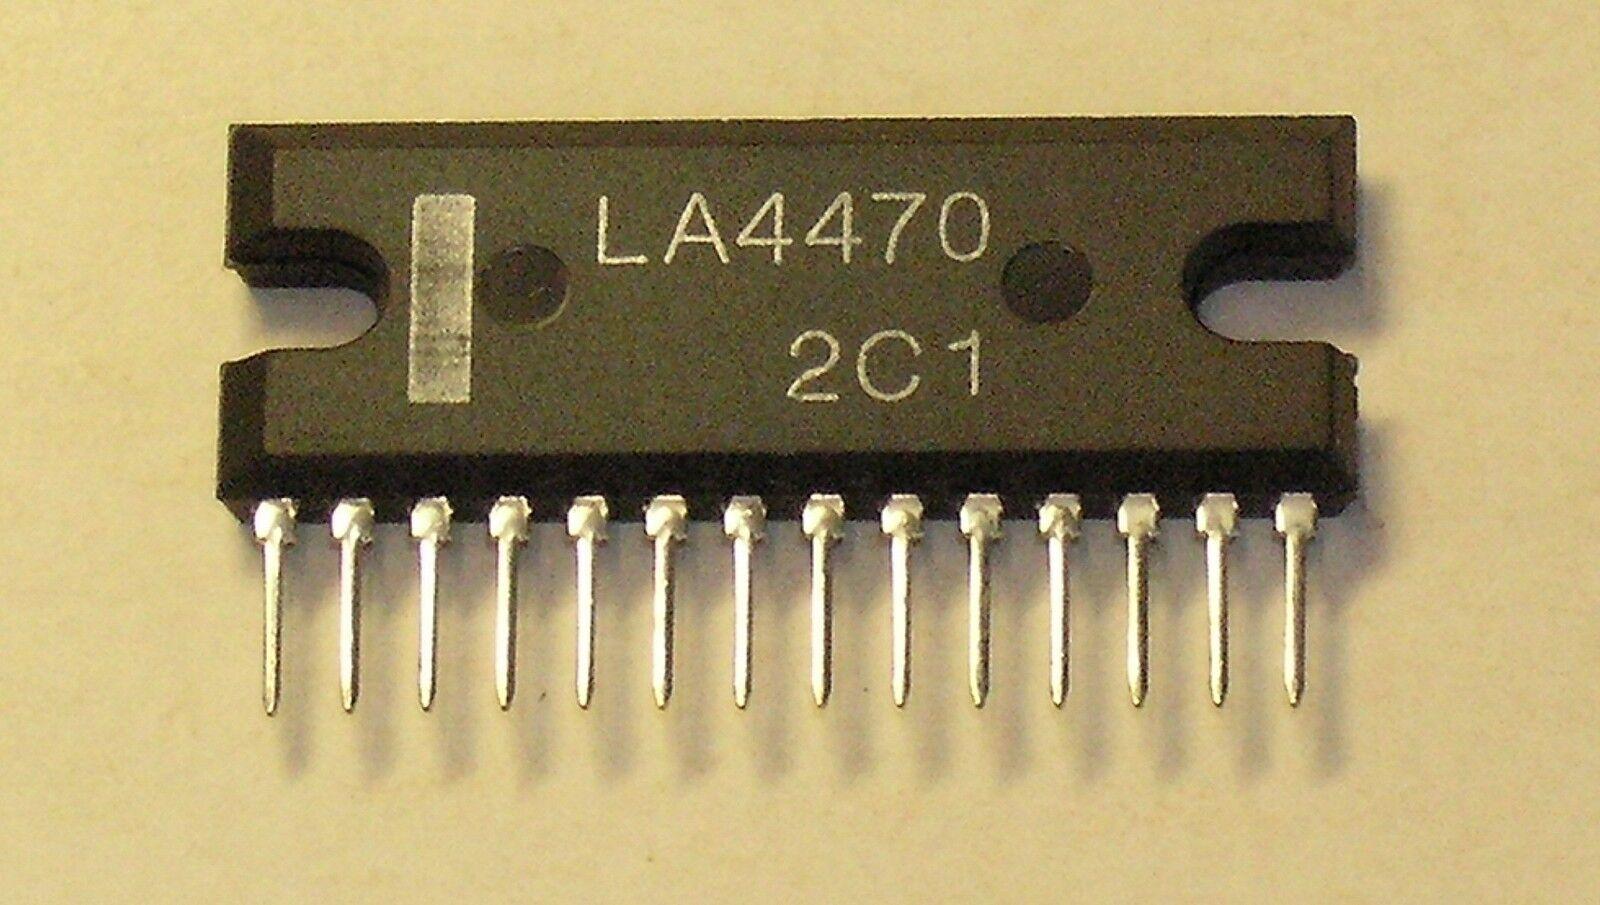 La4470 Sanyo 20w 12v Btl Otl Stereo Audio Amplifier Chip Ebay Lm380 25 Watt Norton Secured Powered By Verisign